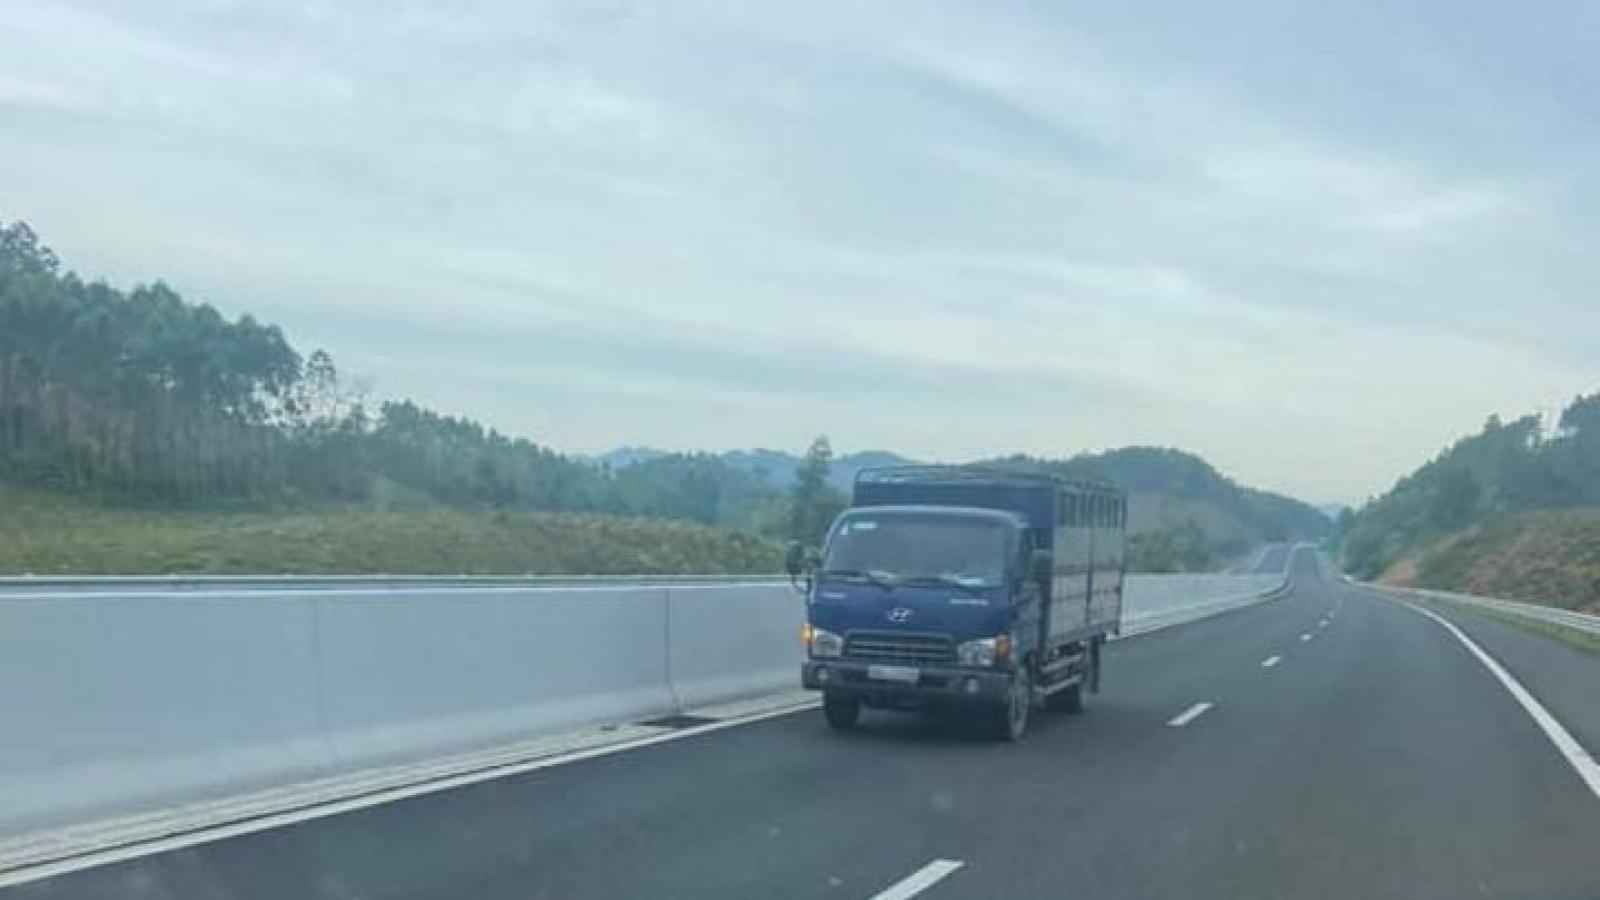 Lại xuất hiện xe ô tô đi ngược chiều trên cao tốc